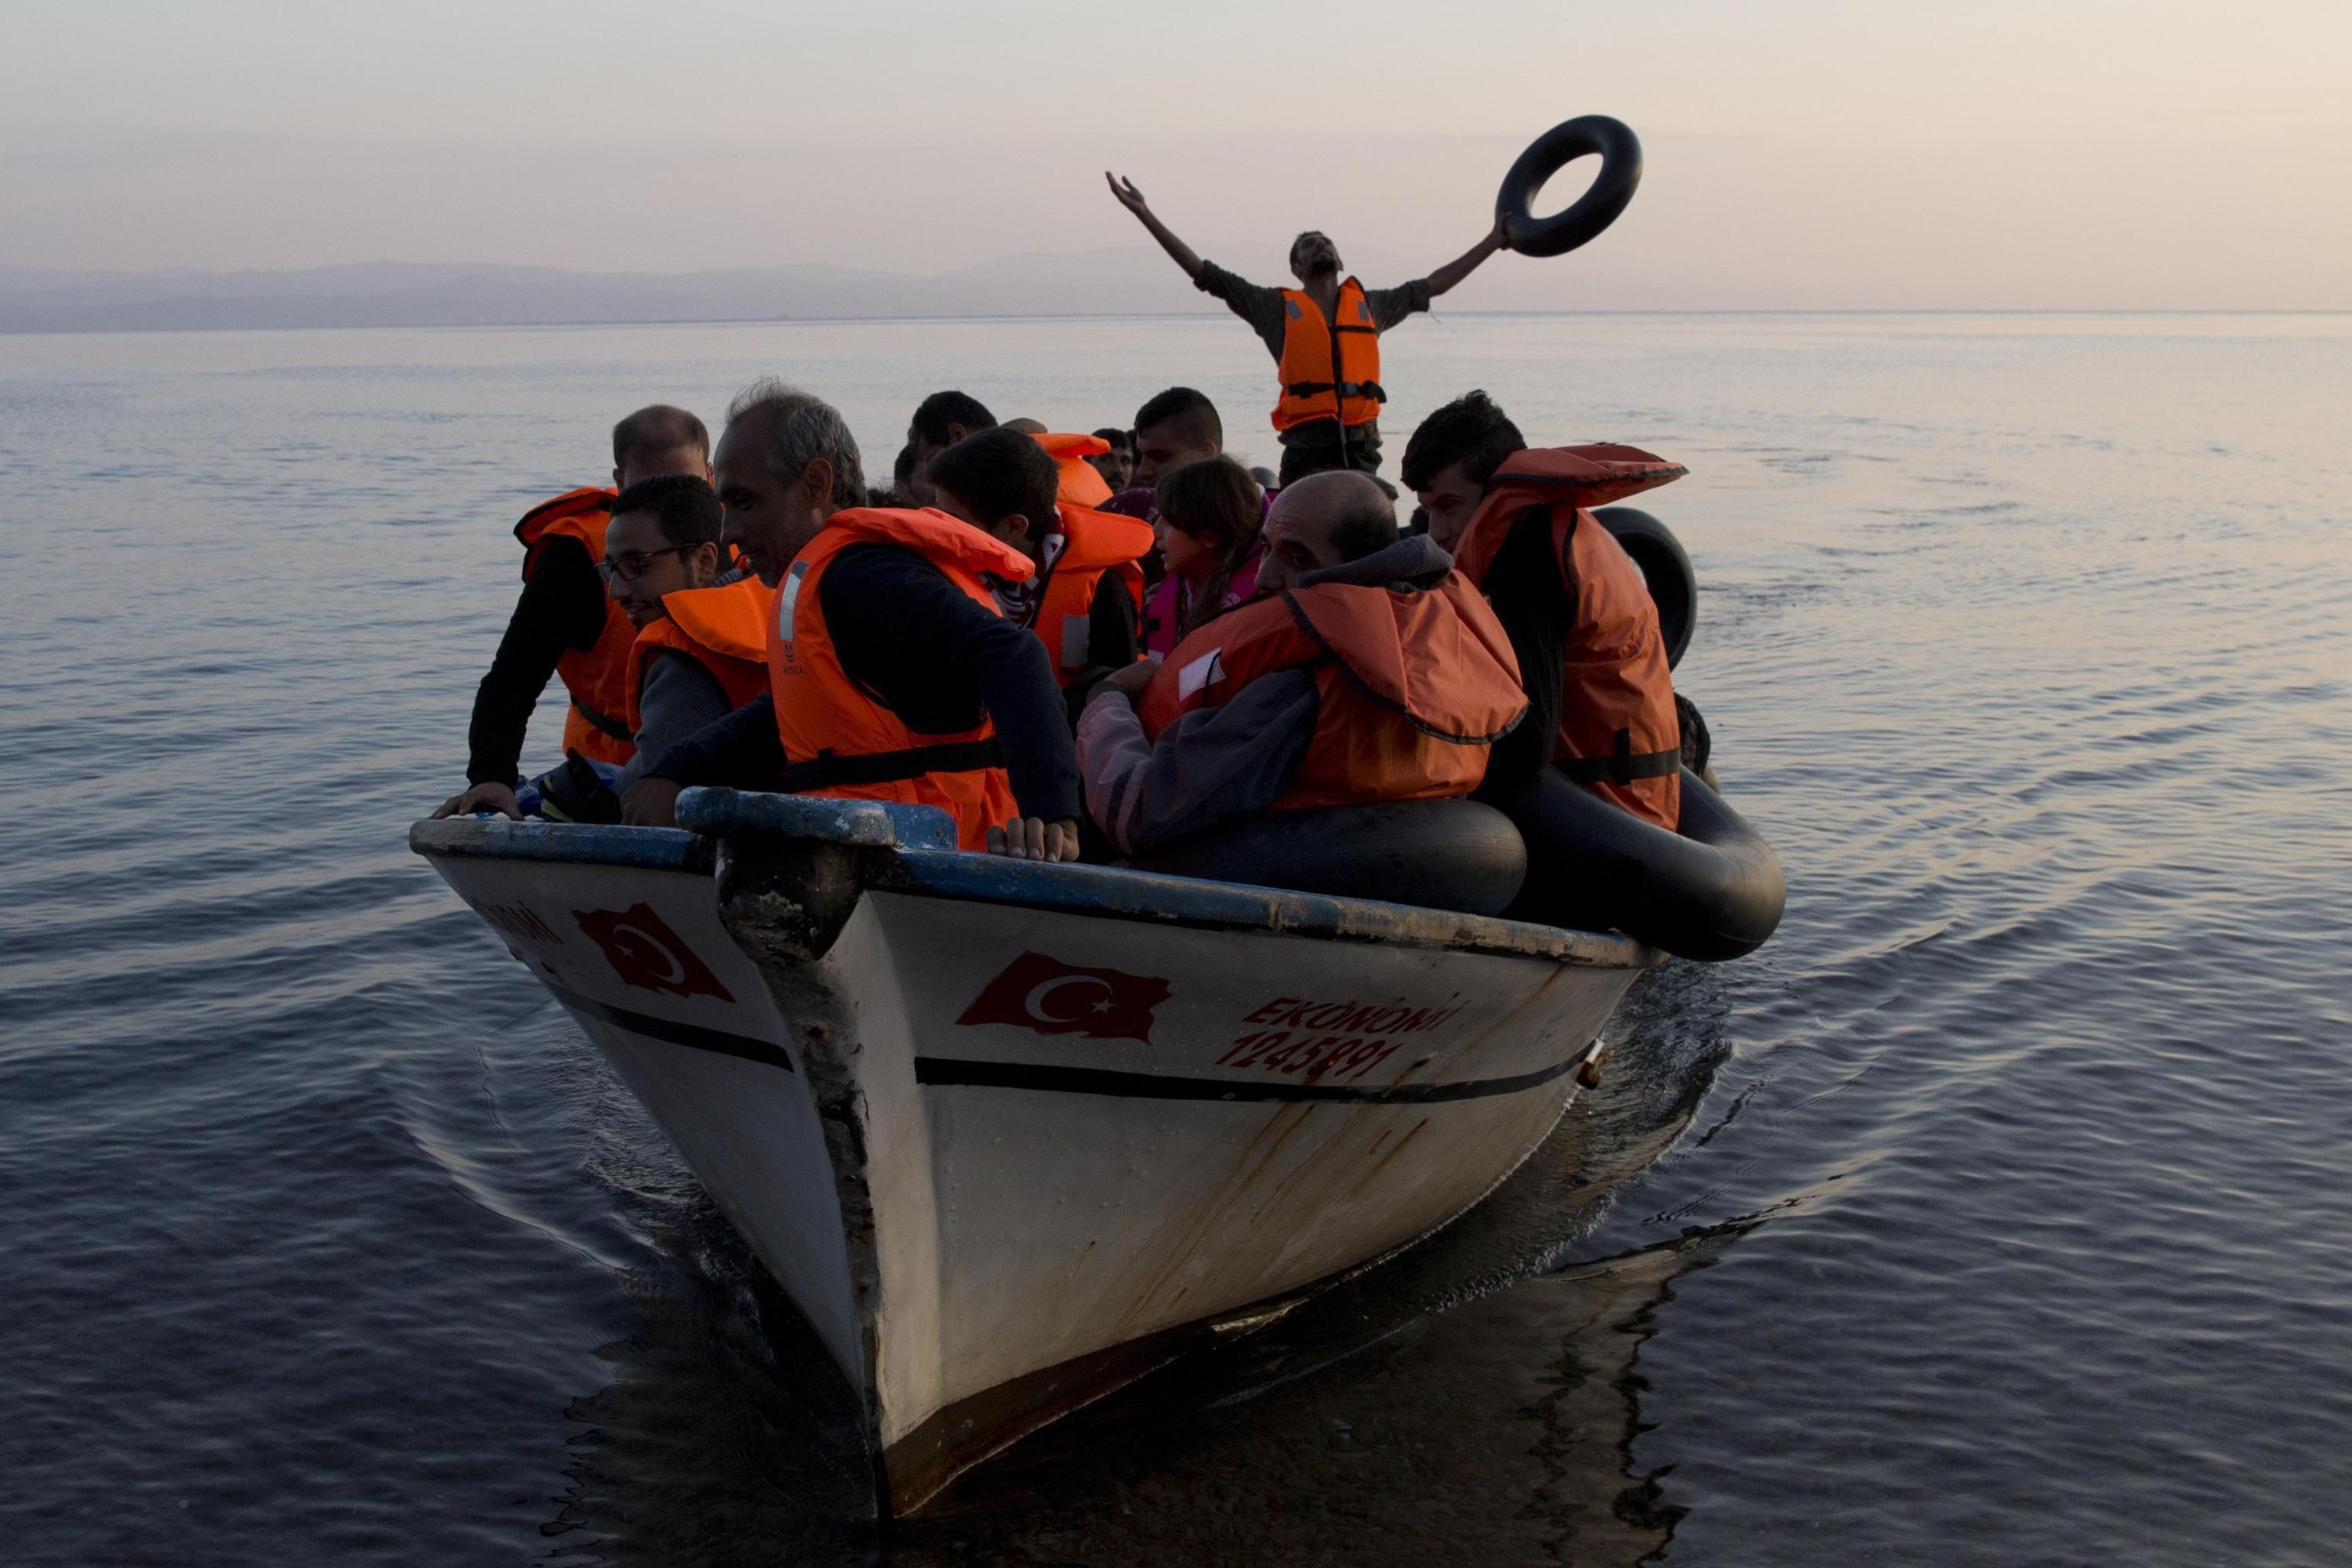 Mare Jonio, sì allo sbarco dei minori divieto di ingresso nelle acque territoriali